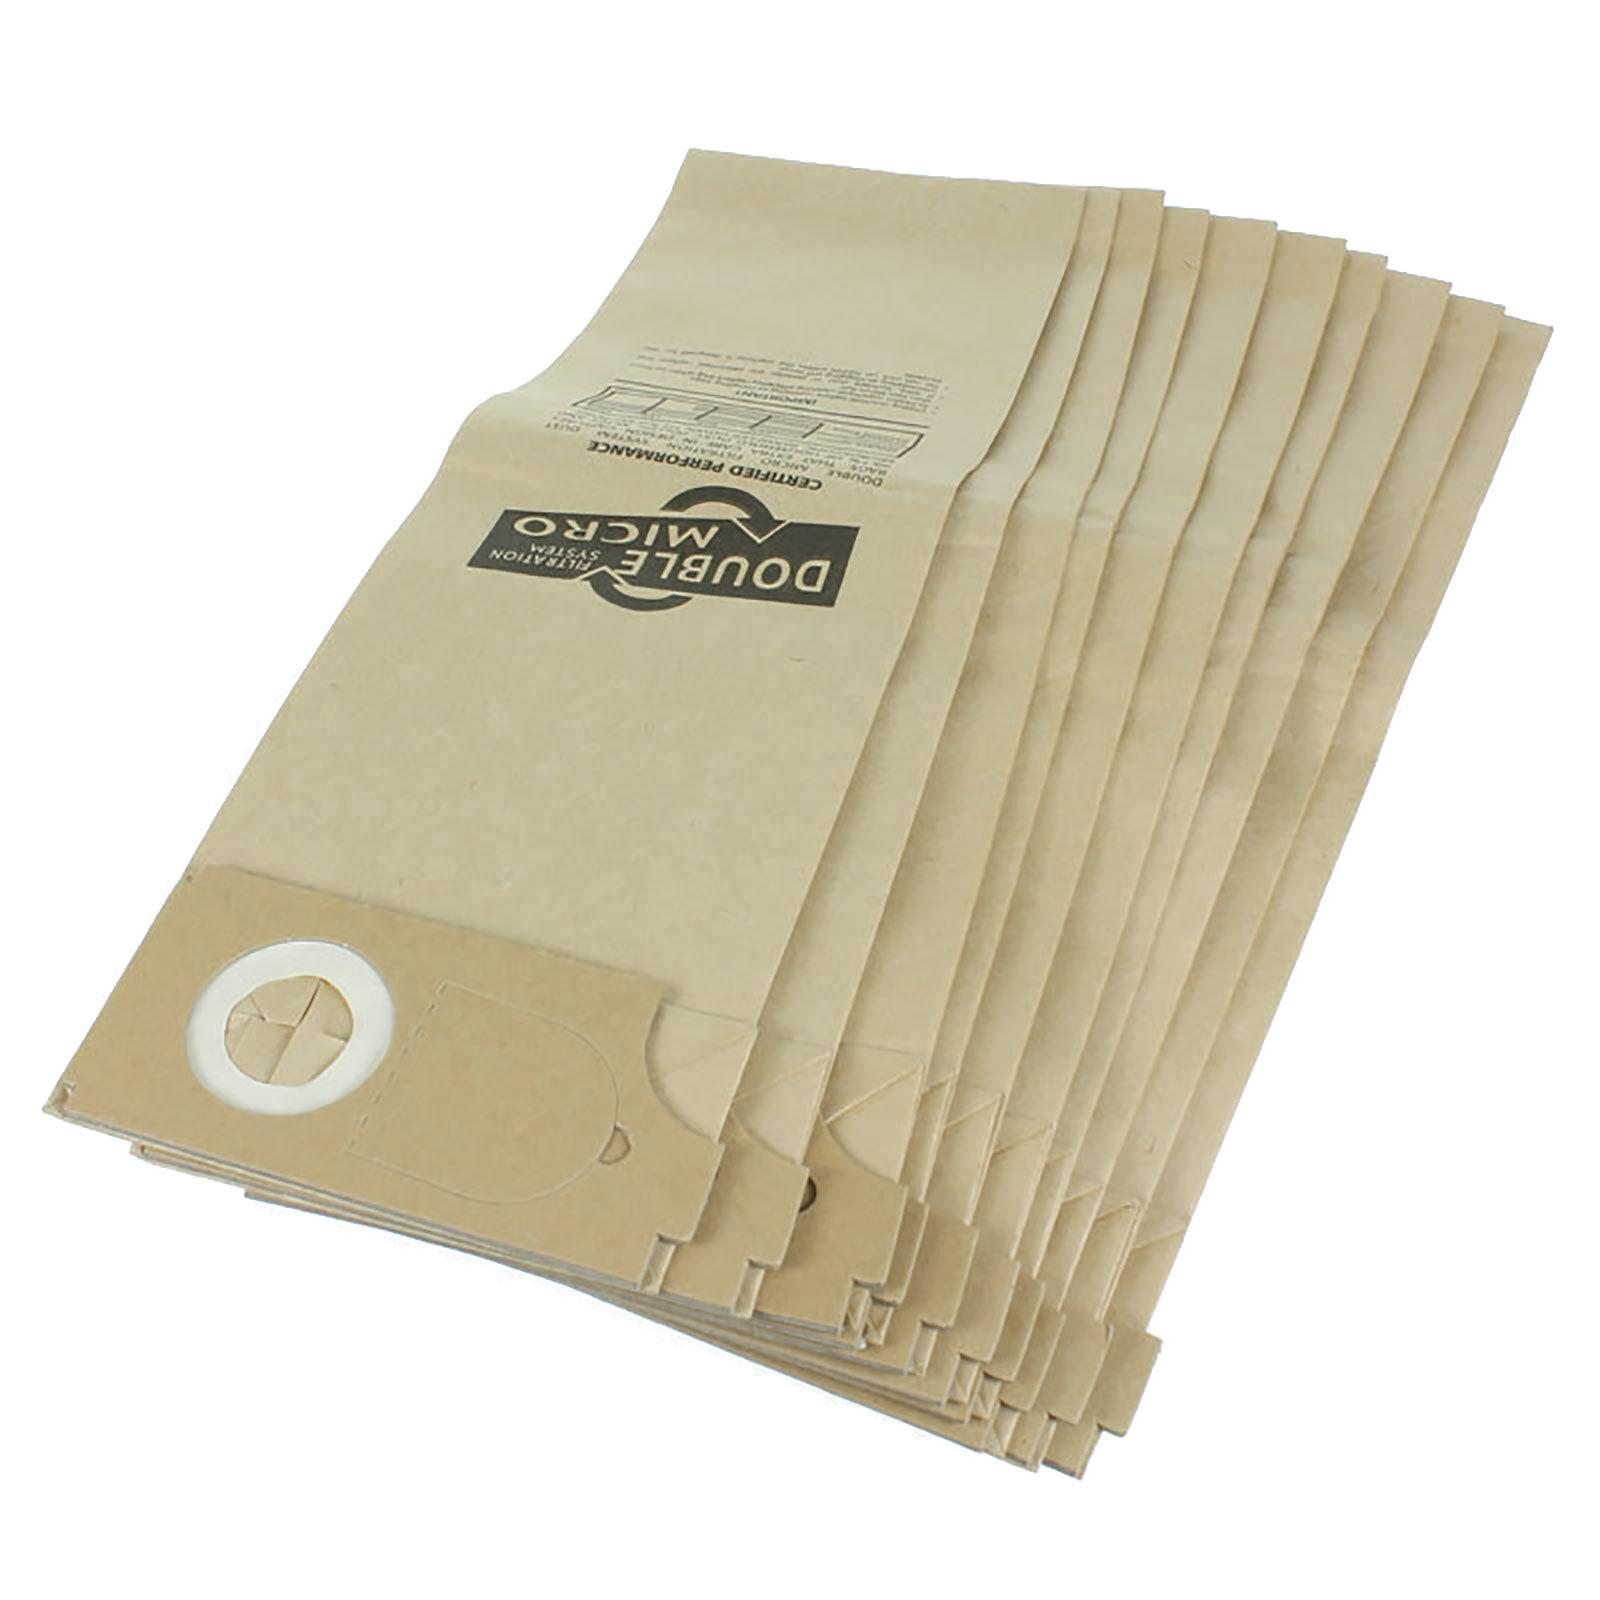 FITS SEBO 350 360 450 460 BS36 TBS32 VACUUM CLEANER DUST BAGS 5 PACK